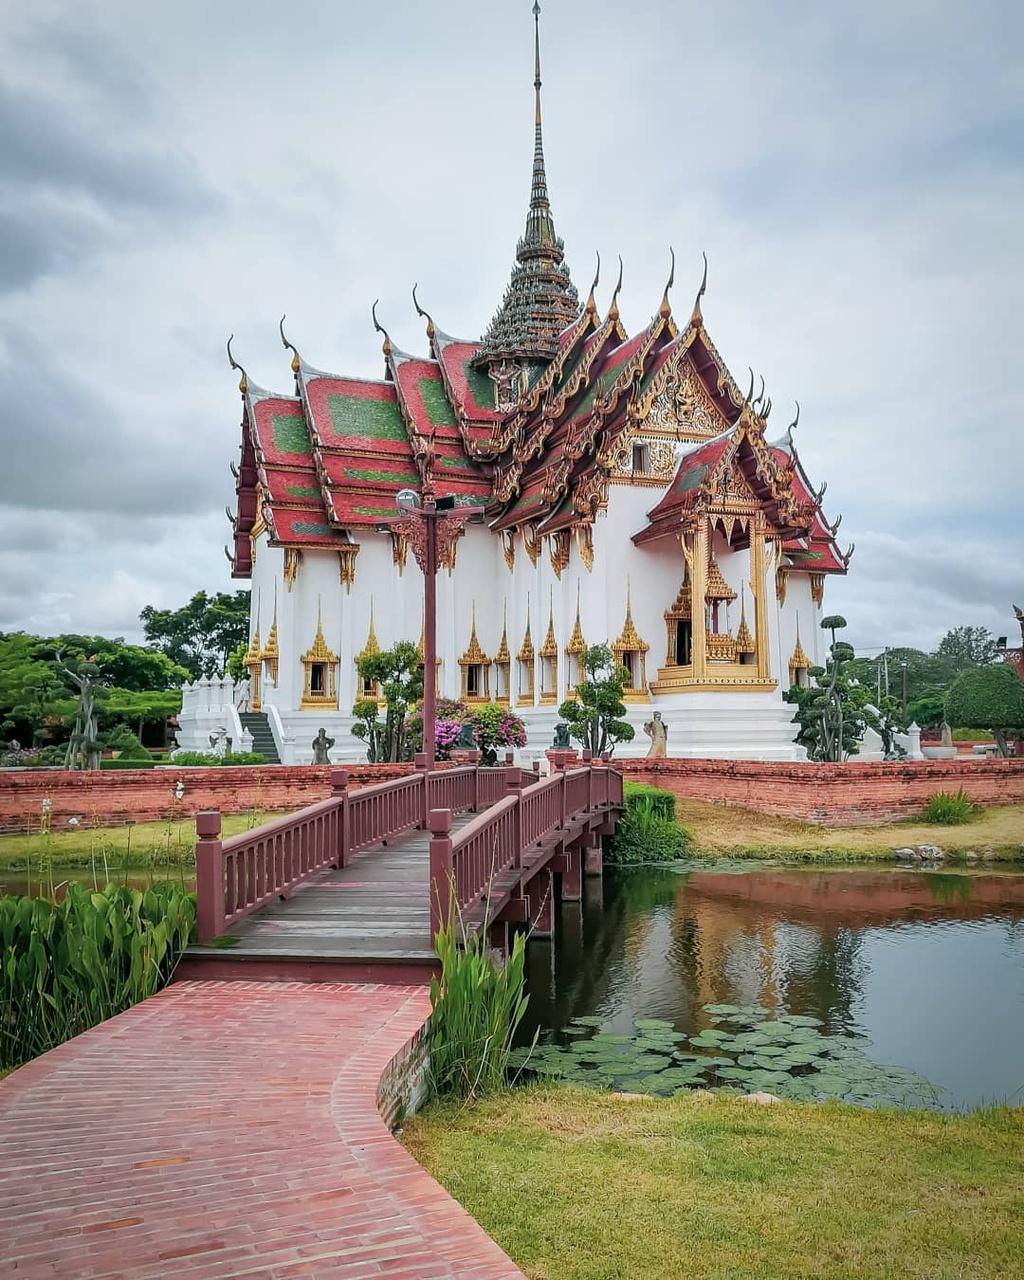 Thuy quai bao quanh ngoi den trong thanh co o Thai Lan hinh anh 11